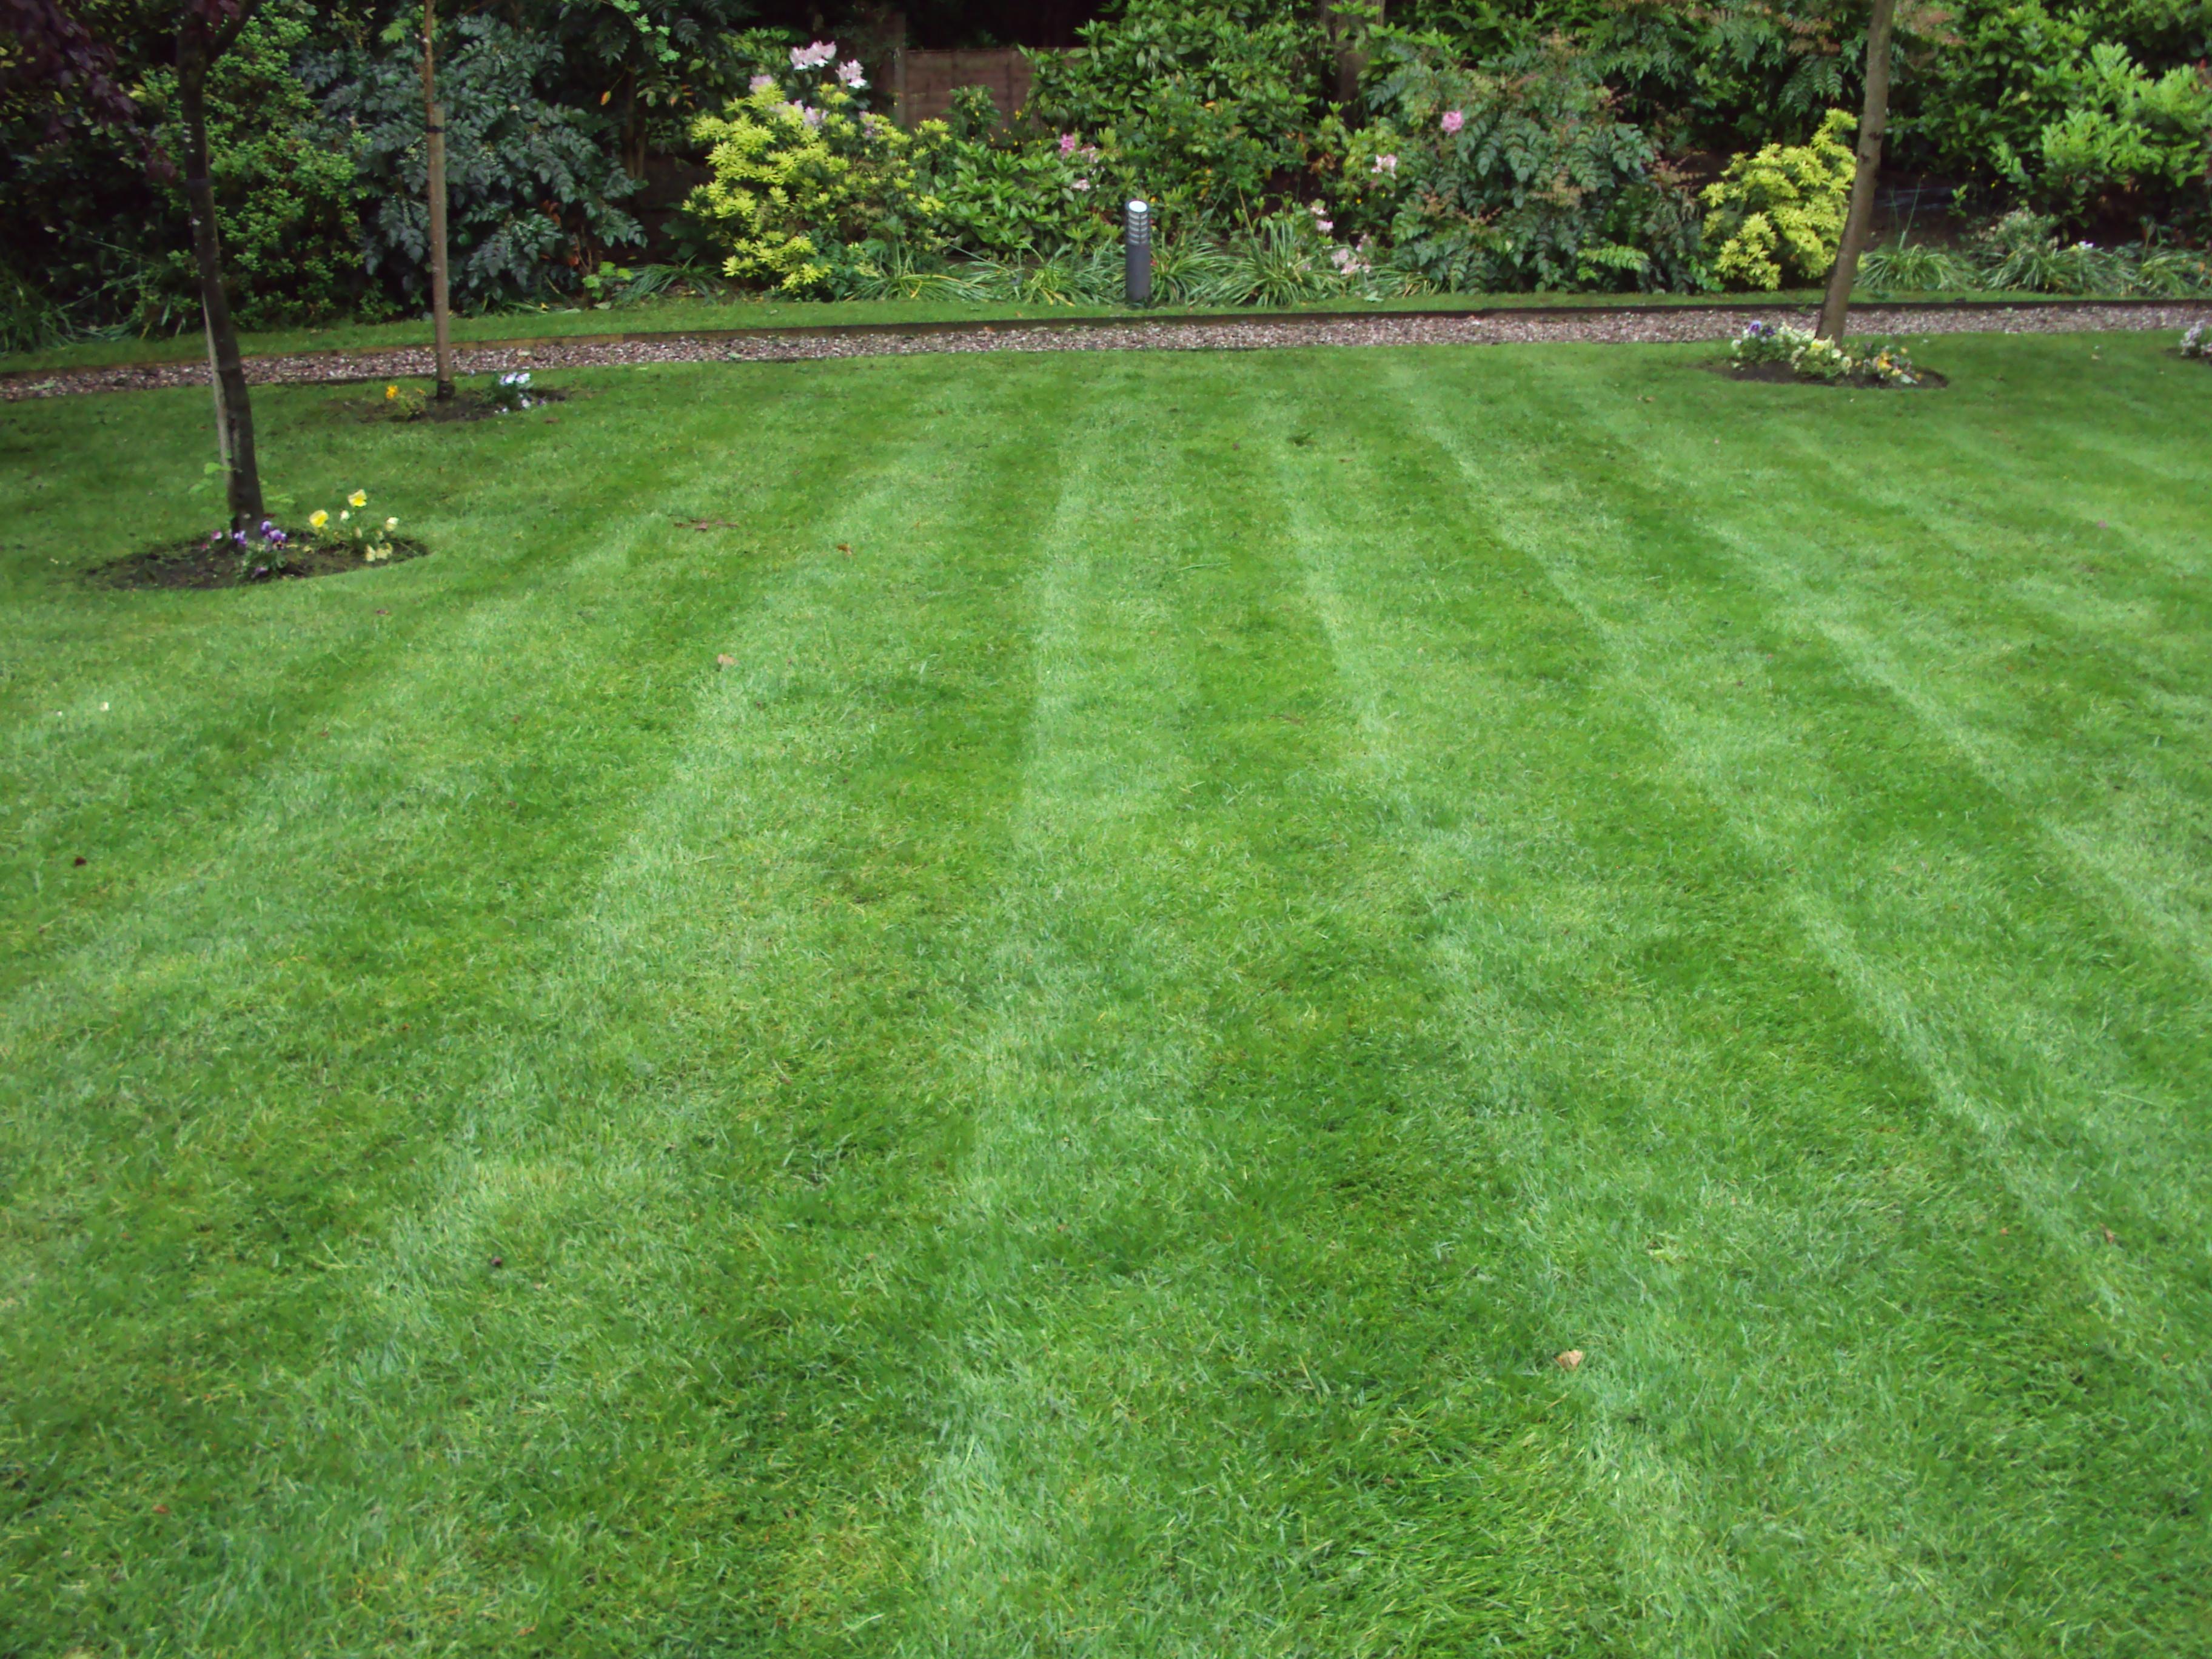 Stripes in Lawn